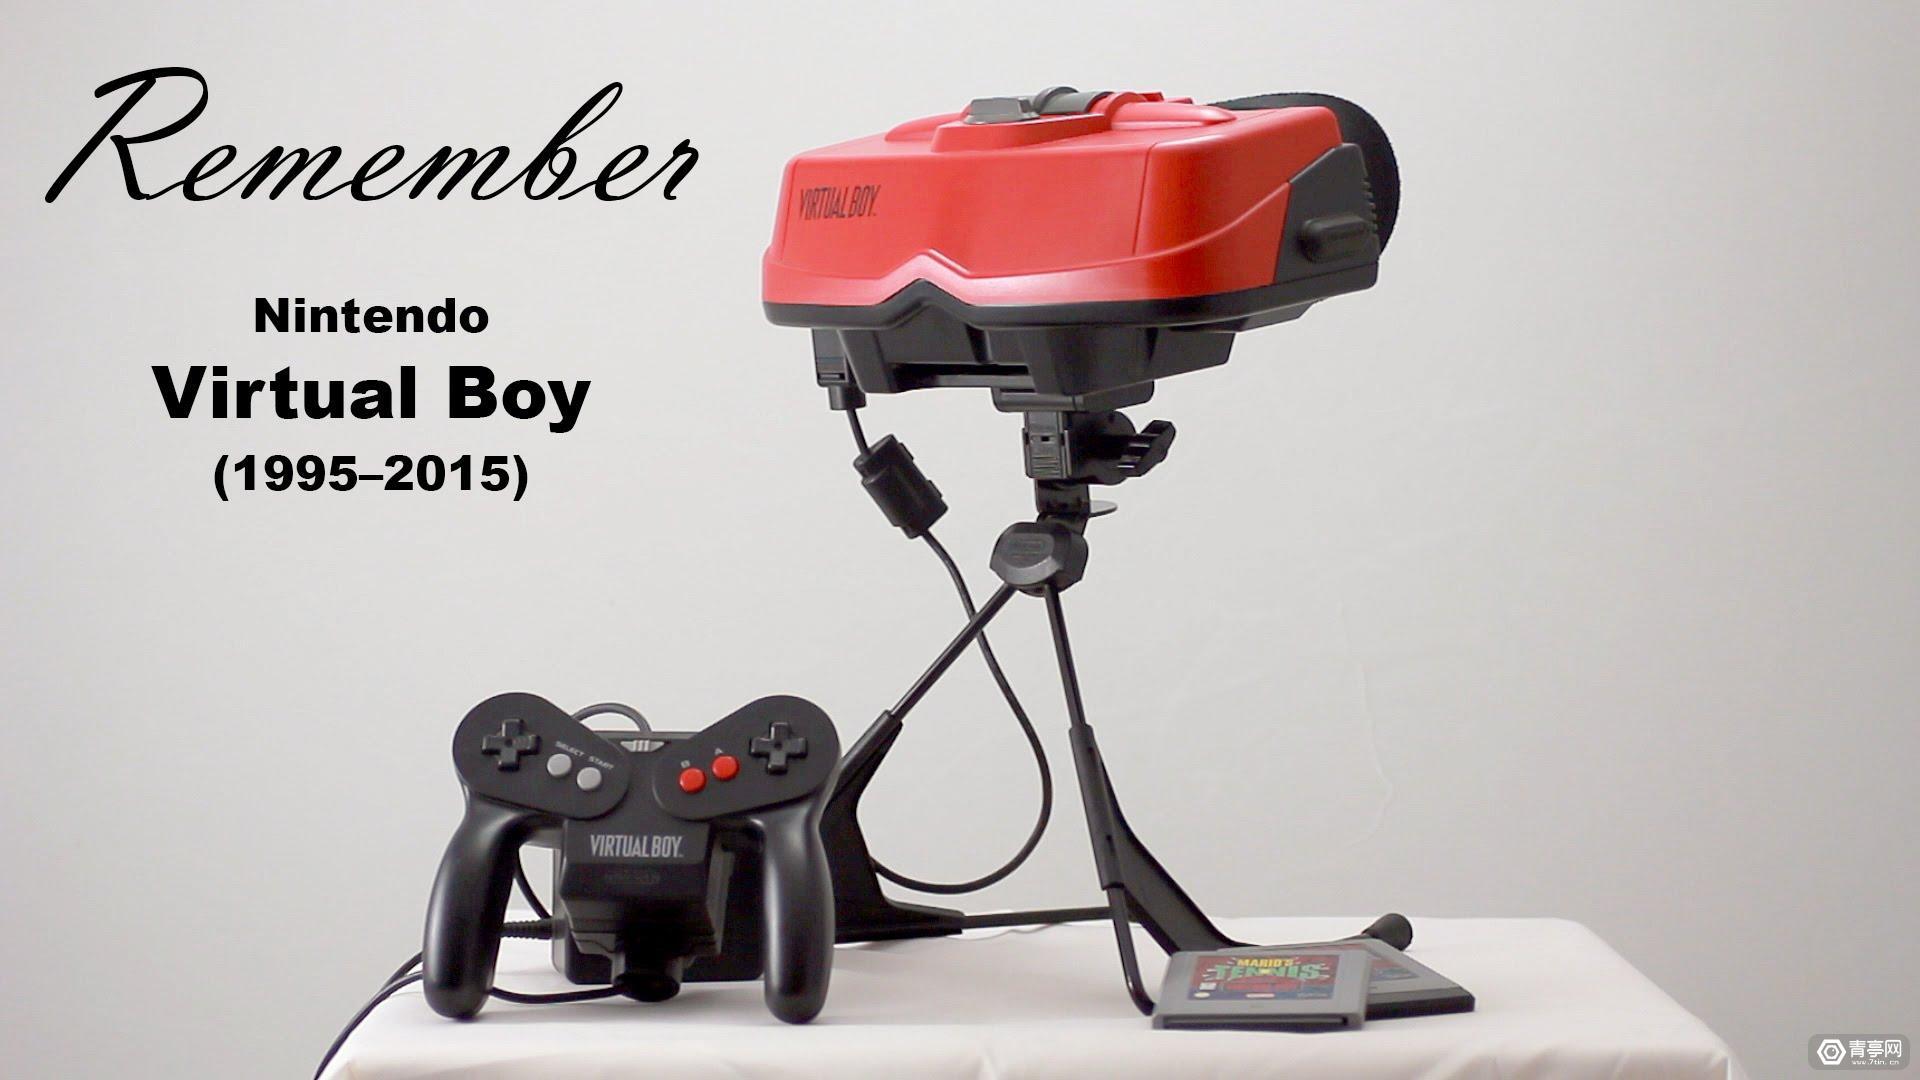 俩外国哥们想复活任天堂的Virtual Boy,然而并没有什么卵意义?